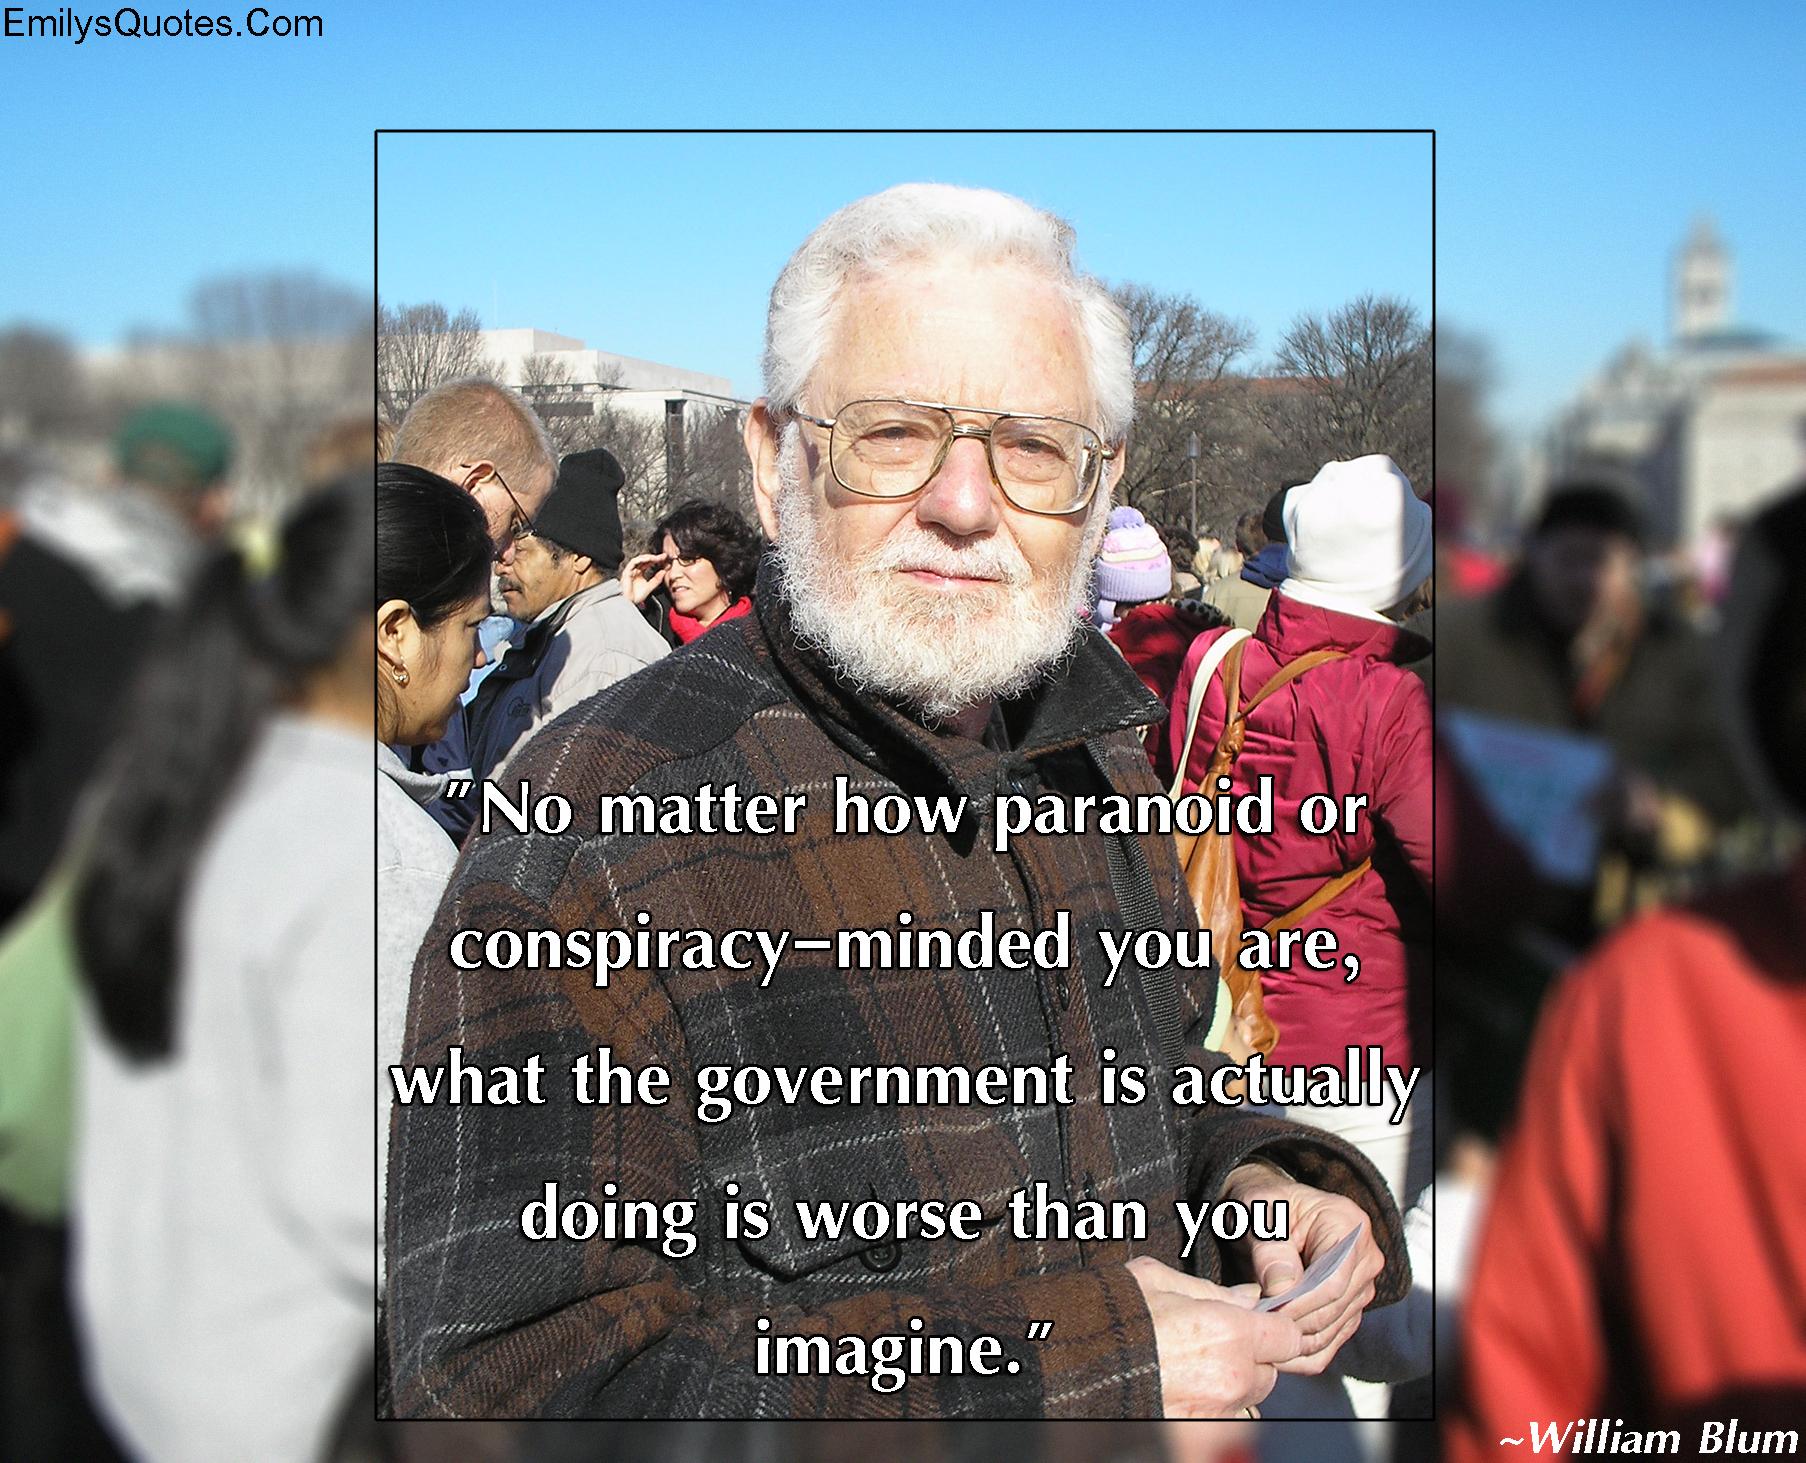 EmilysQuotes.Com - paranoid, conspiracy, government, imagination, intelligence, William Blum